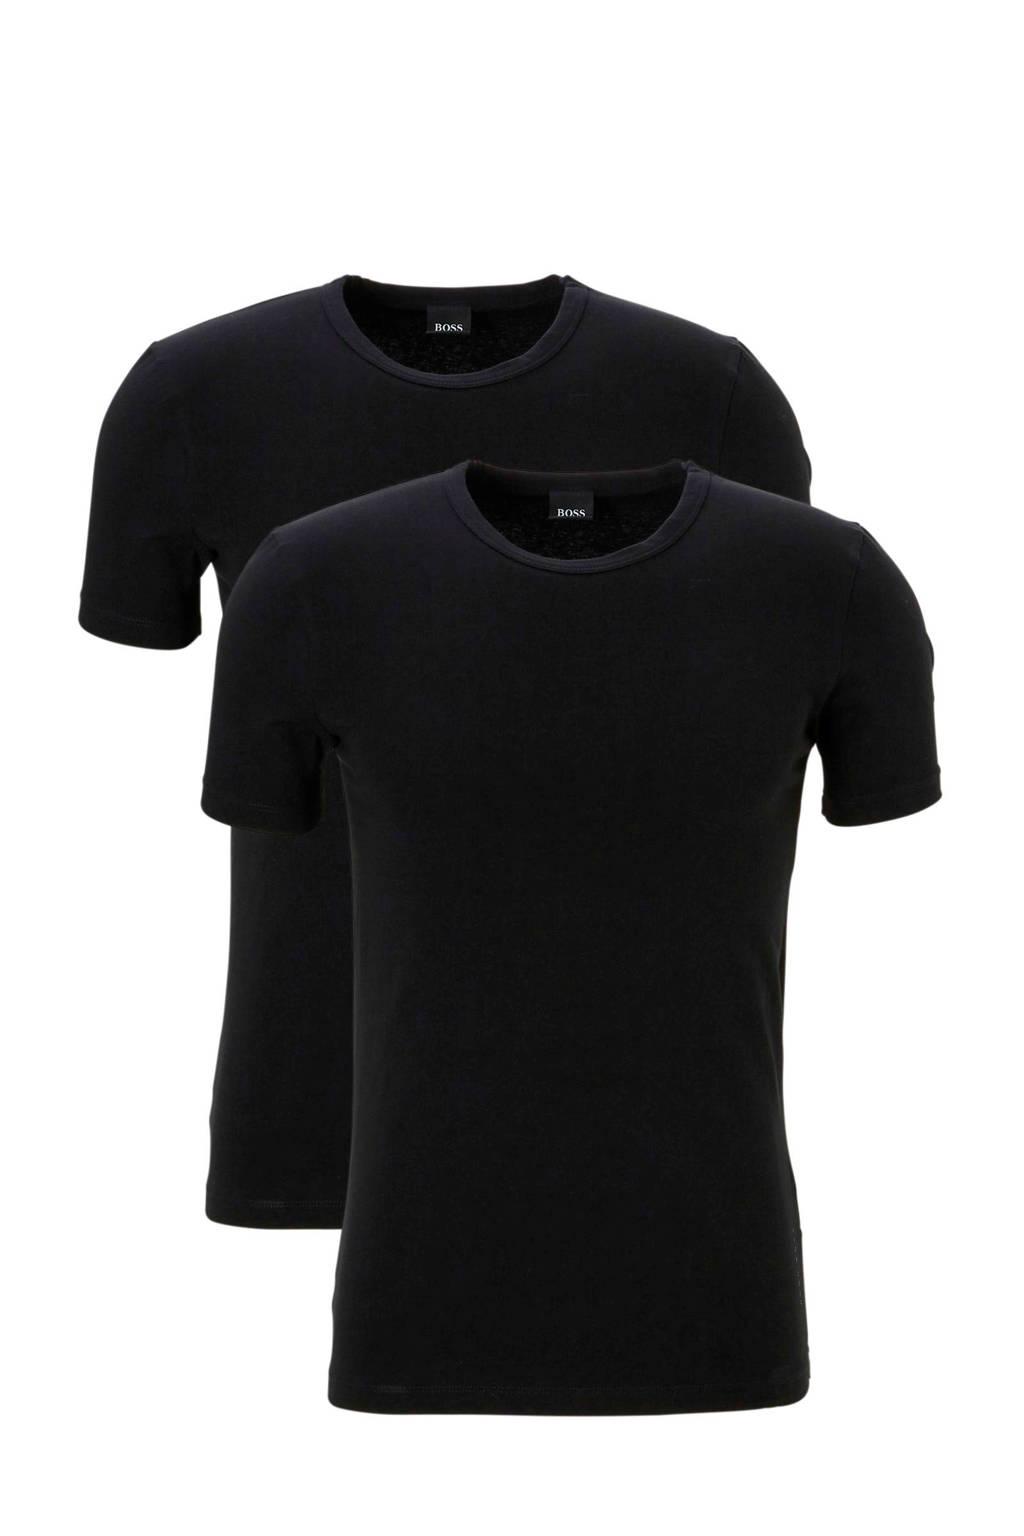 BOSS T-shirt (set van 2) zwart, Zwart